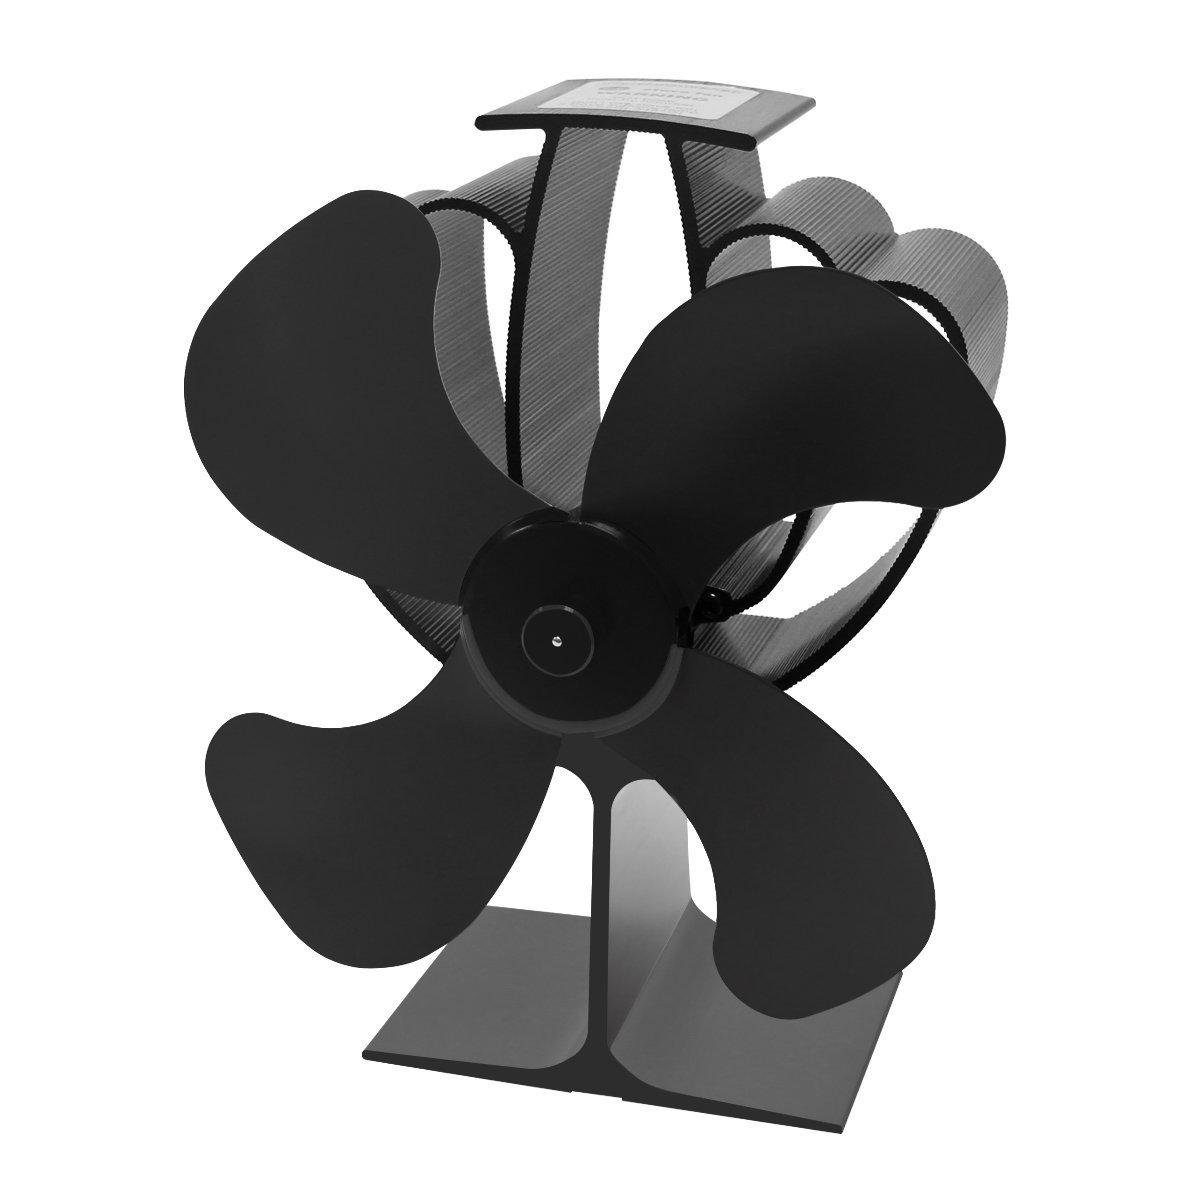 Signstek - Chimeneas pequeña 4 hoja - madera con calor ventilador estufa de leña de registro - respetuoso con el medio ambiente: Amazon.es: Bricolaje y ...